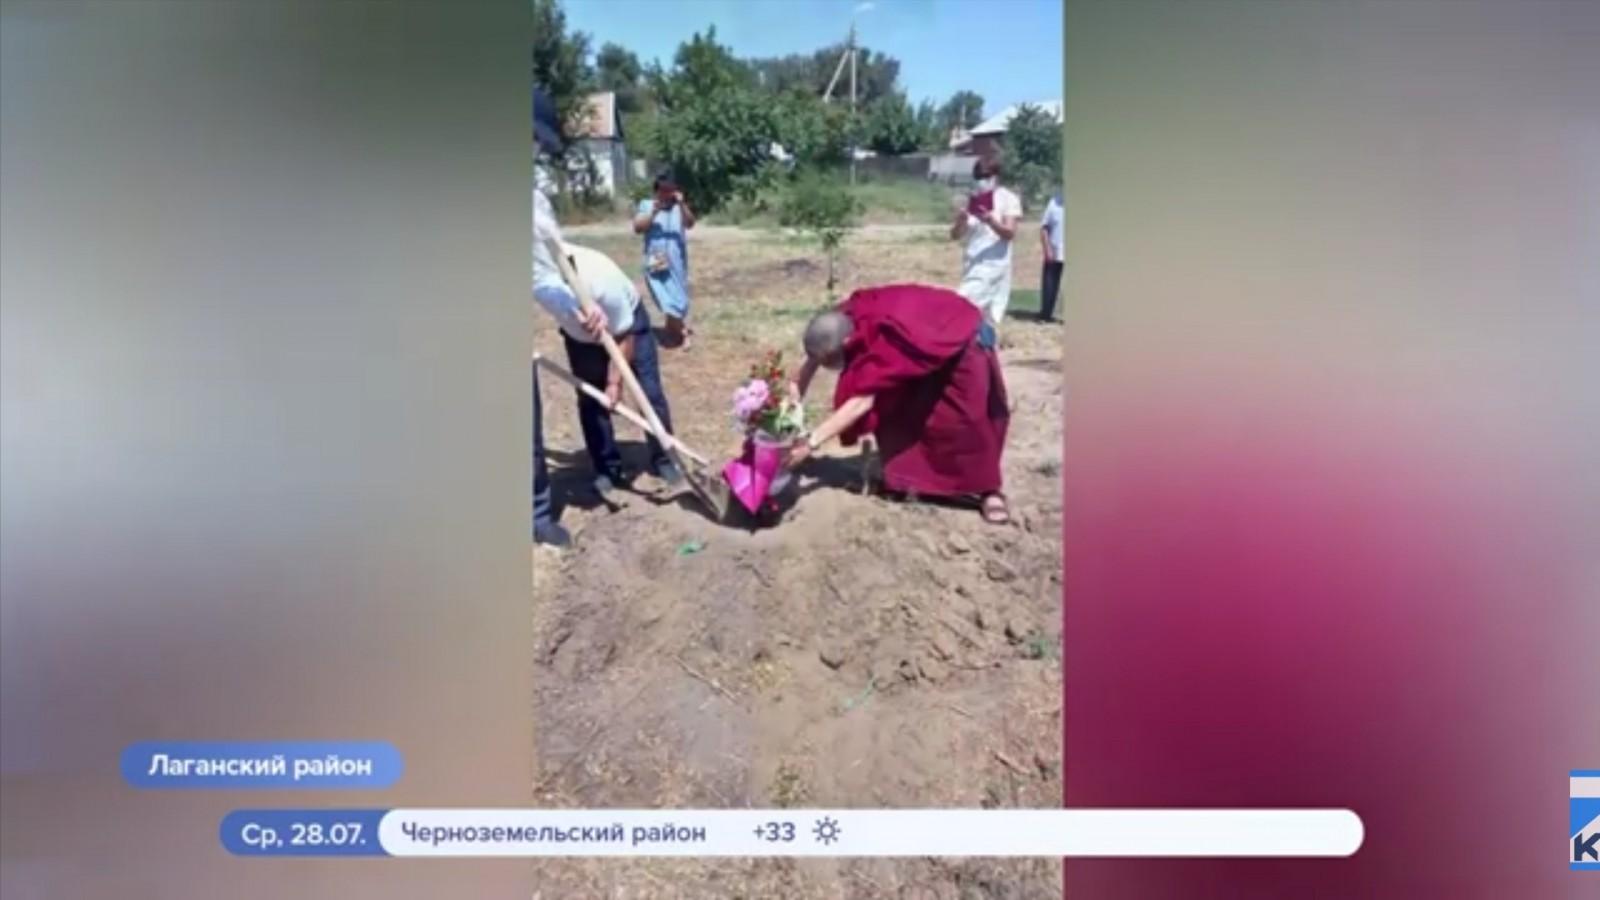 Шаджин-лама Калмыкии посетил Лаганский район где будут построены ступы